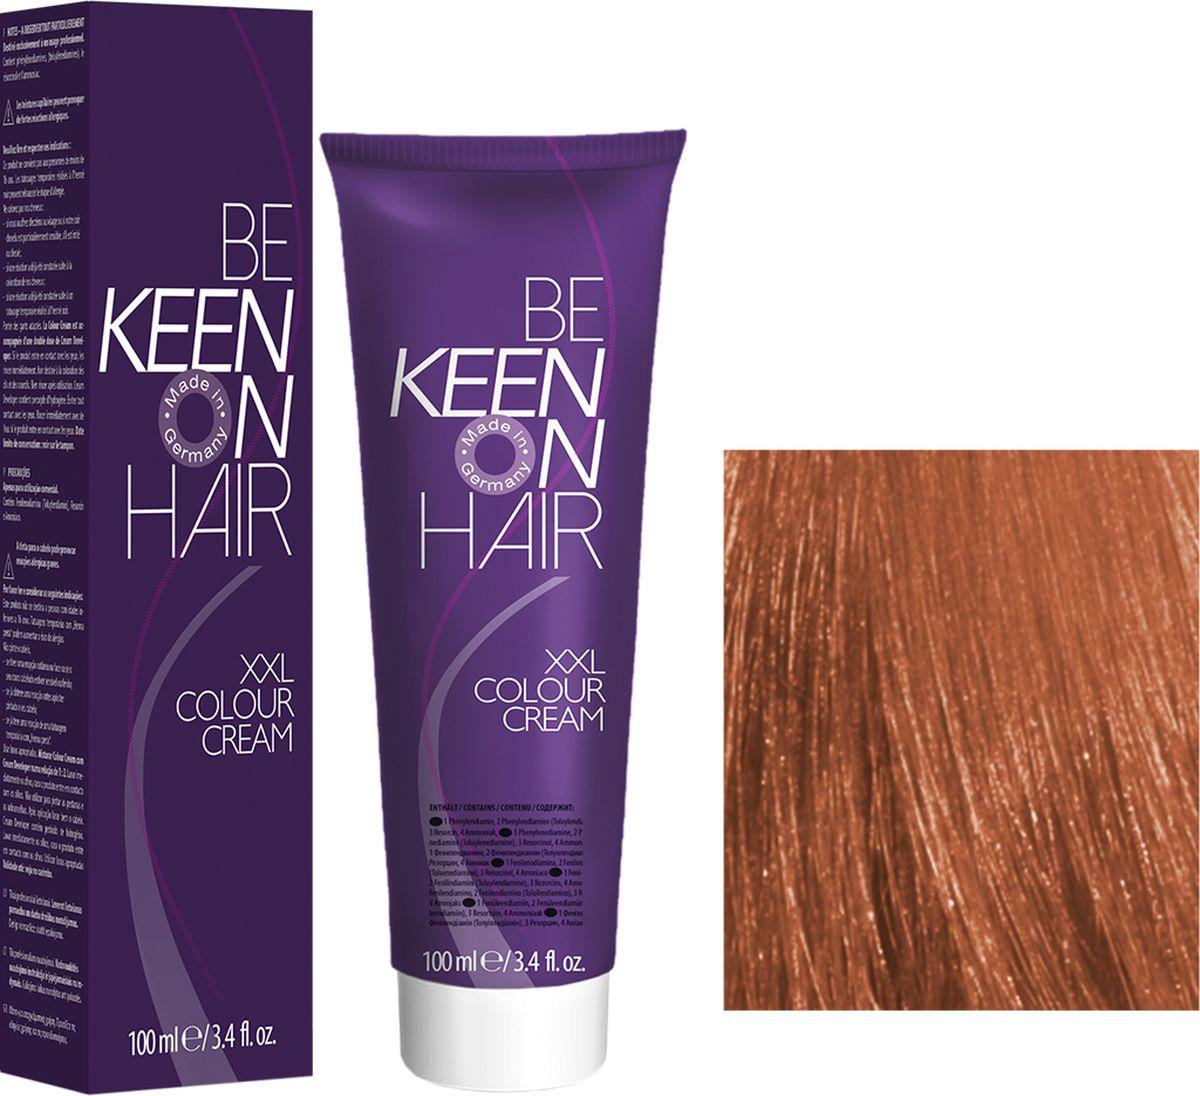 Keen Краска для волос 9.04 Светло-медный блондин Hellblond Kupfer, 100 мл69100089Модные оттенкиБолее 100 оттенков для креативной комбинации цветов.ЭкономичностьПри использовании тюбика 100 мл вы получаете оптимальное соотношение цены и качества!УходМолочный белок поддерживает структуру волоса во время окрашивания и придает волосам блеск и шелковистость. Протеины хорошо встраиваются в волосы и снабжают их влагой.